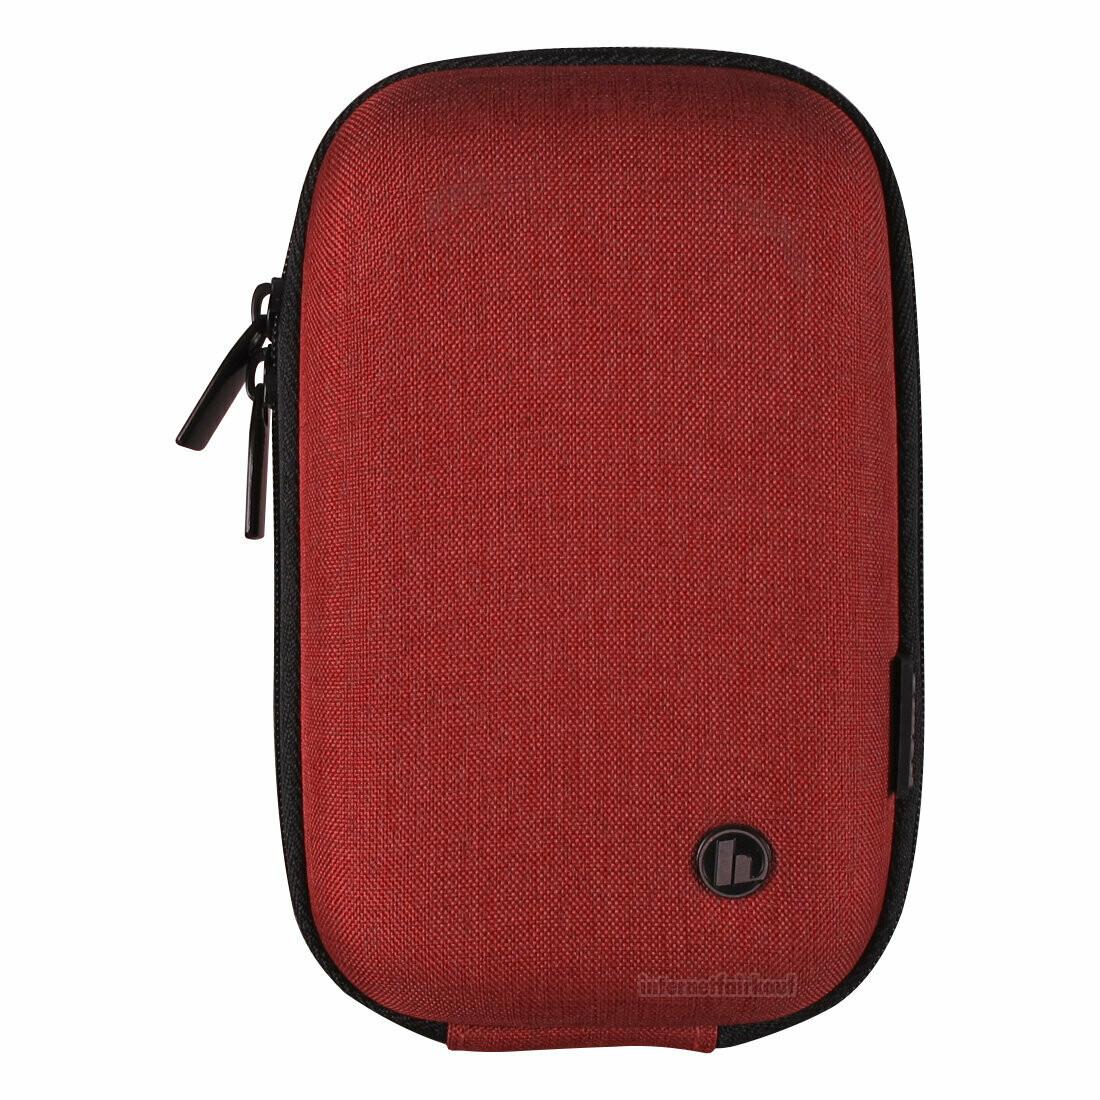 Hama Hardcase Fototasche rot passend für Sony DSC-HX50V HX50V HX60 HX60V